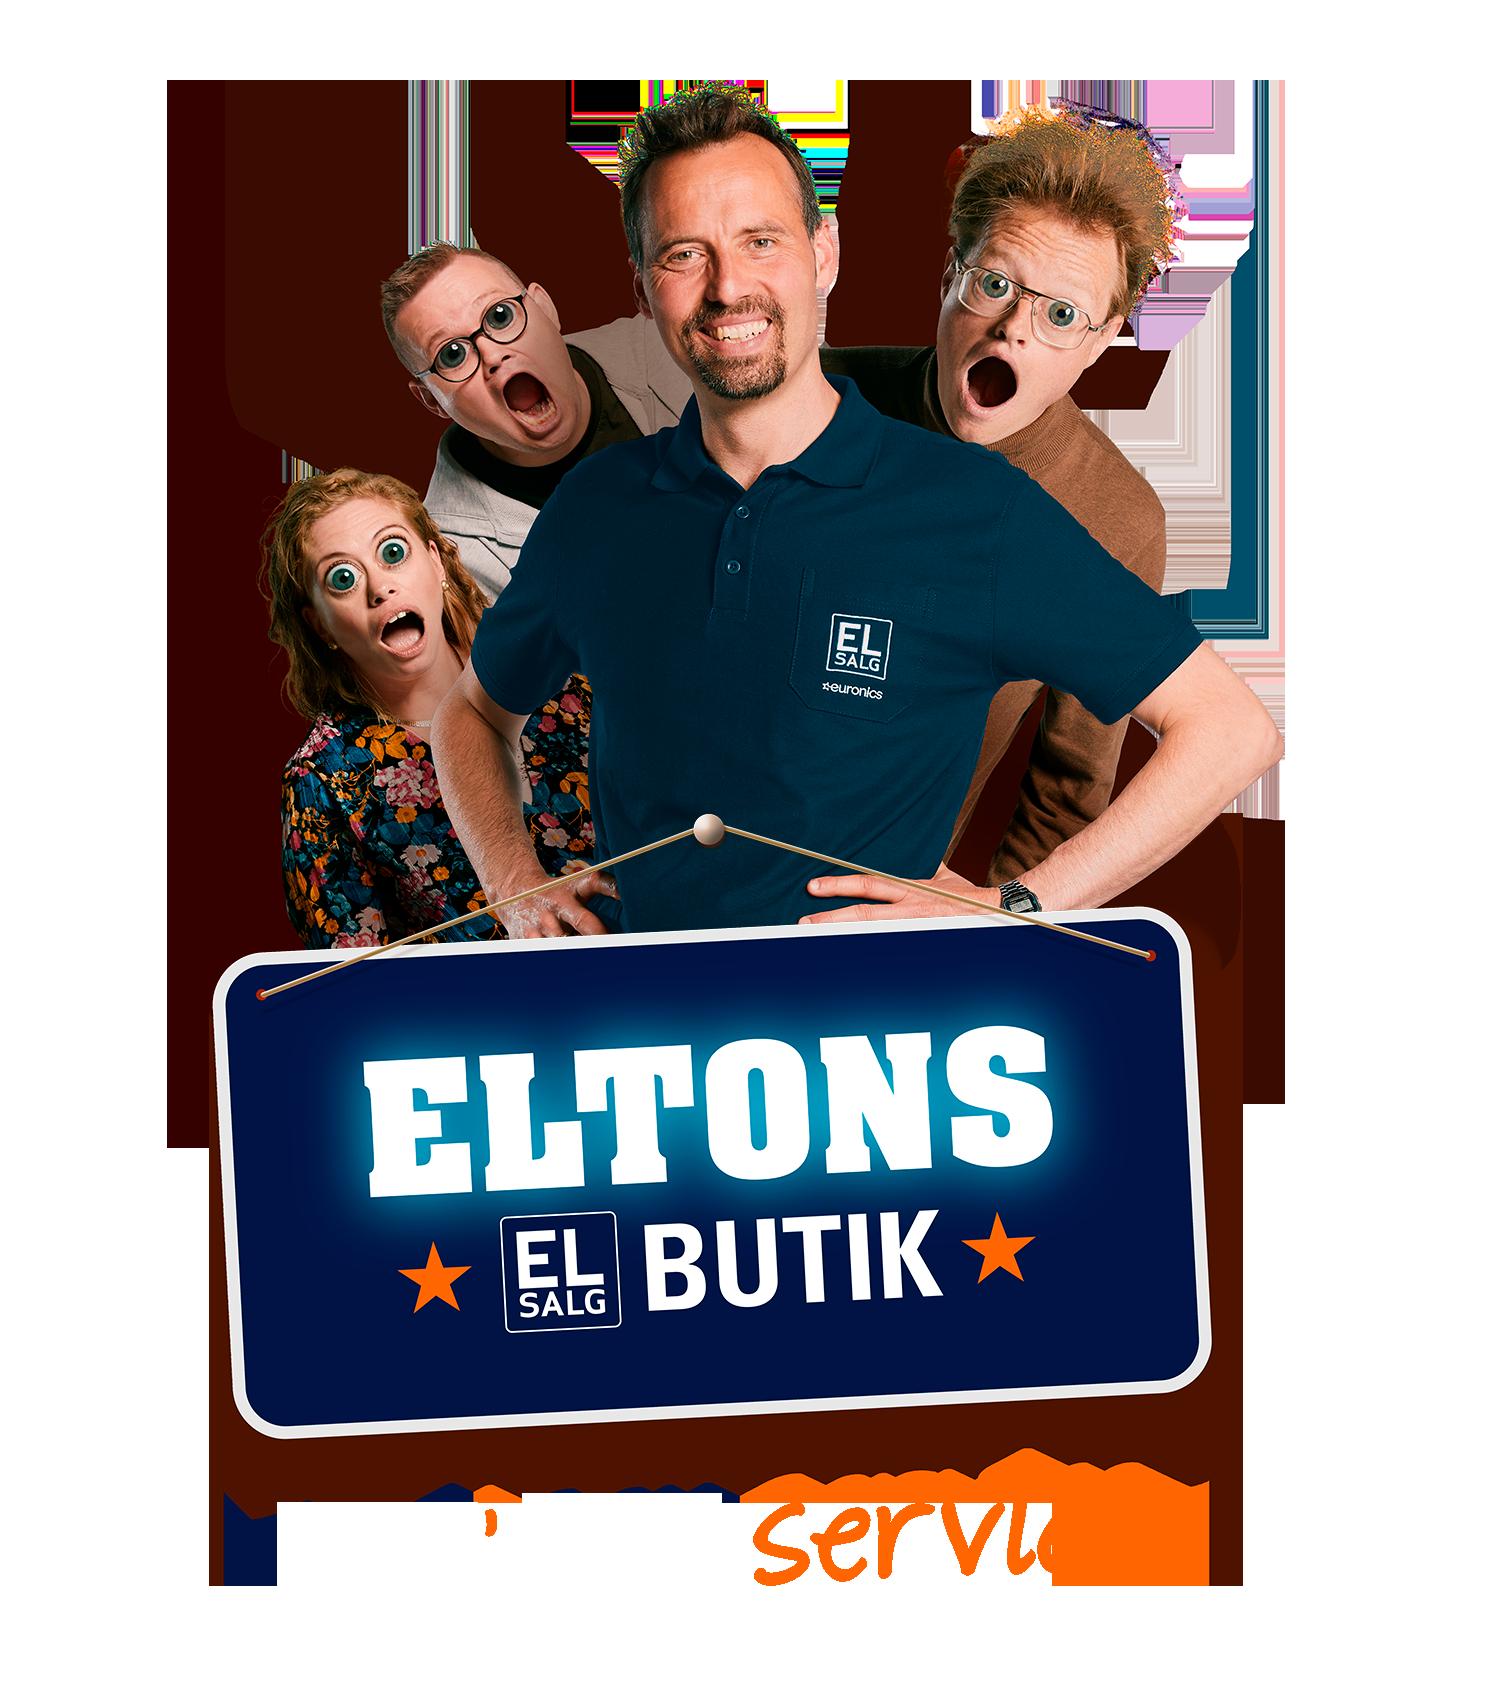 ELTONS butik - det´ sgu service - EL-Salg - køb hvidevarer og forbruger elektronik